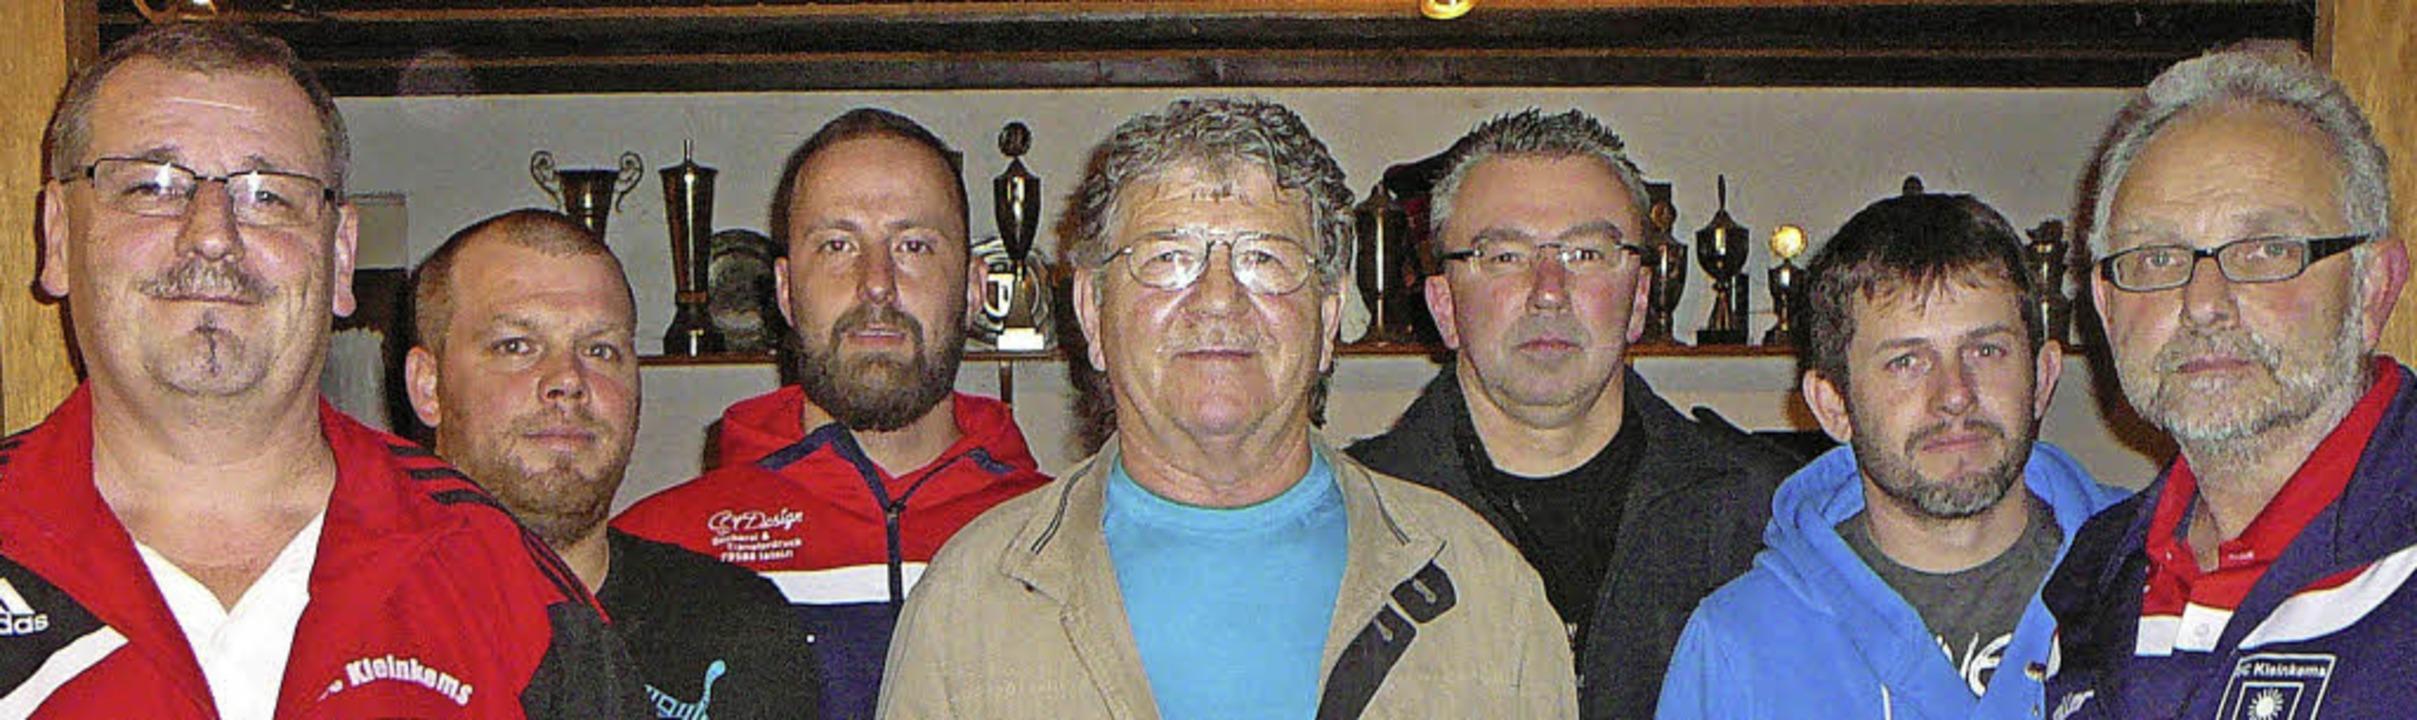 Die Neugewählten und Geehrten des Spor...er Ame und Wolfgang Eyrich (von links)  | Foto: Rolf Mück